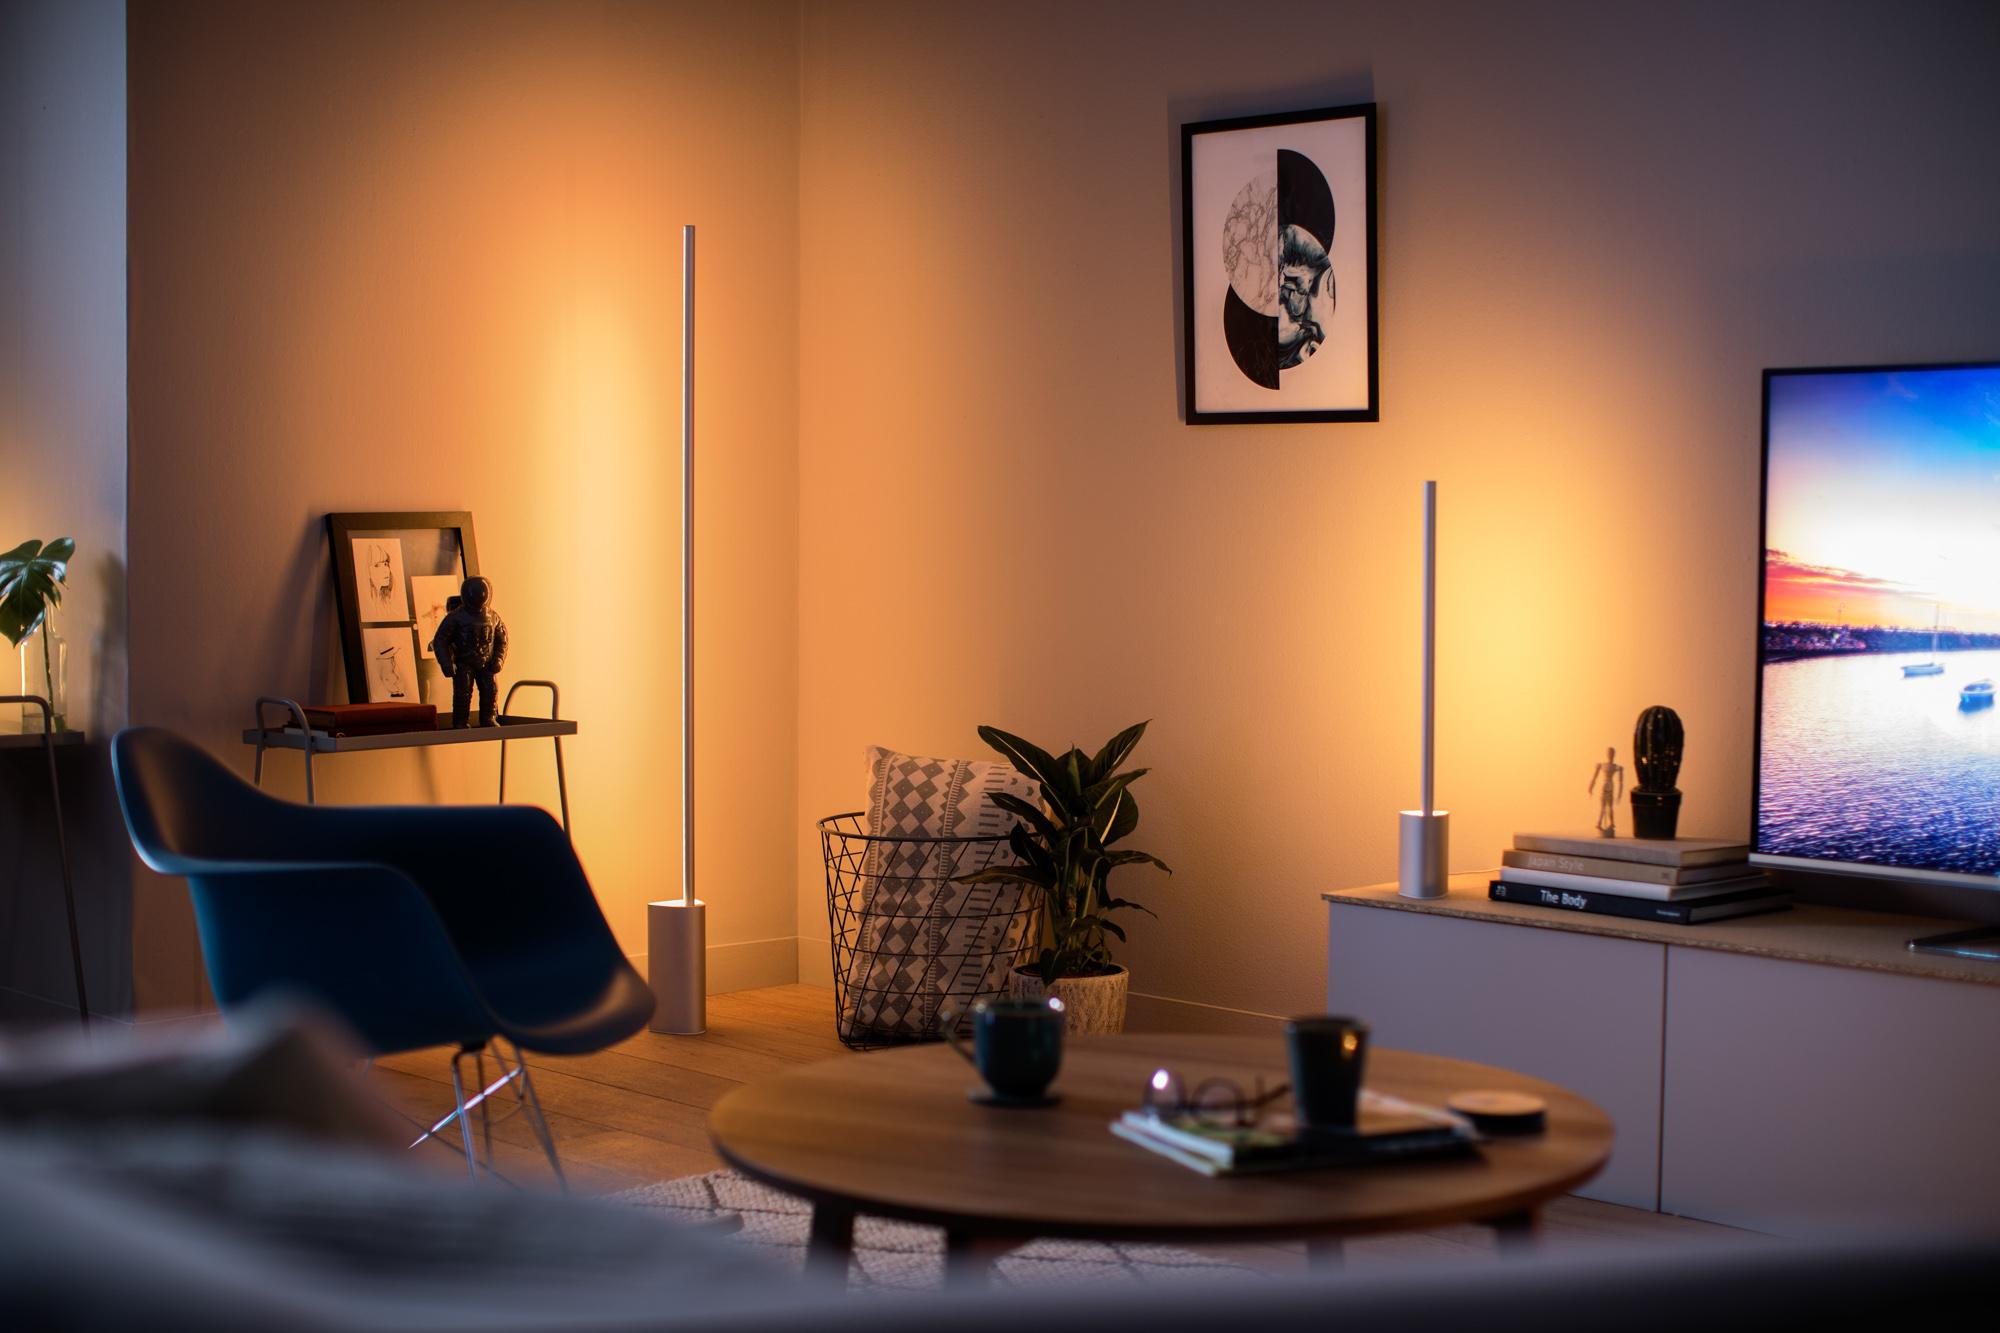 Philips Hue Light Strips